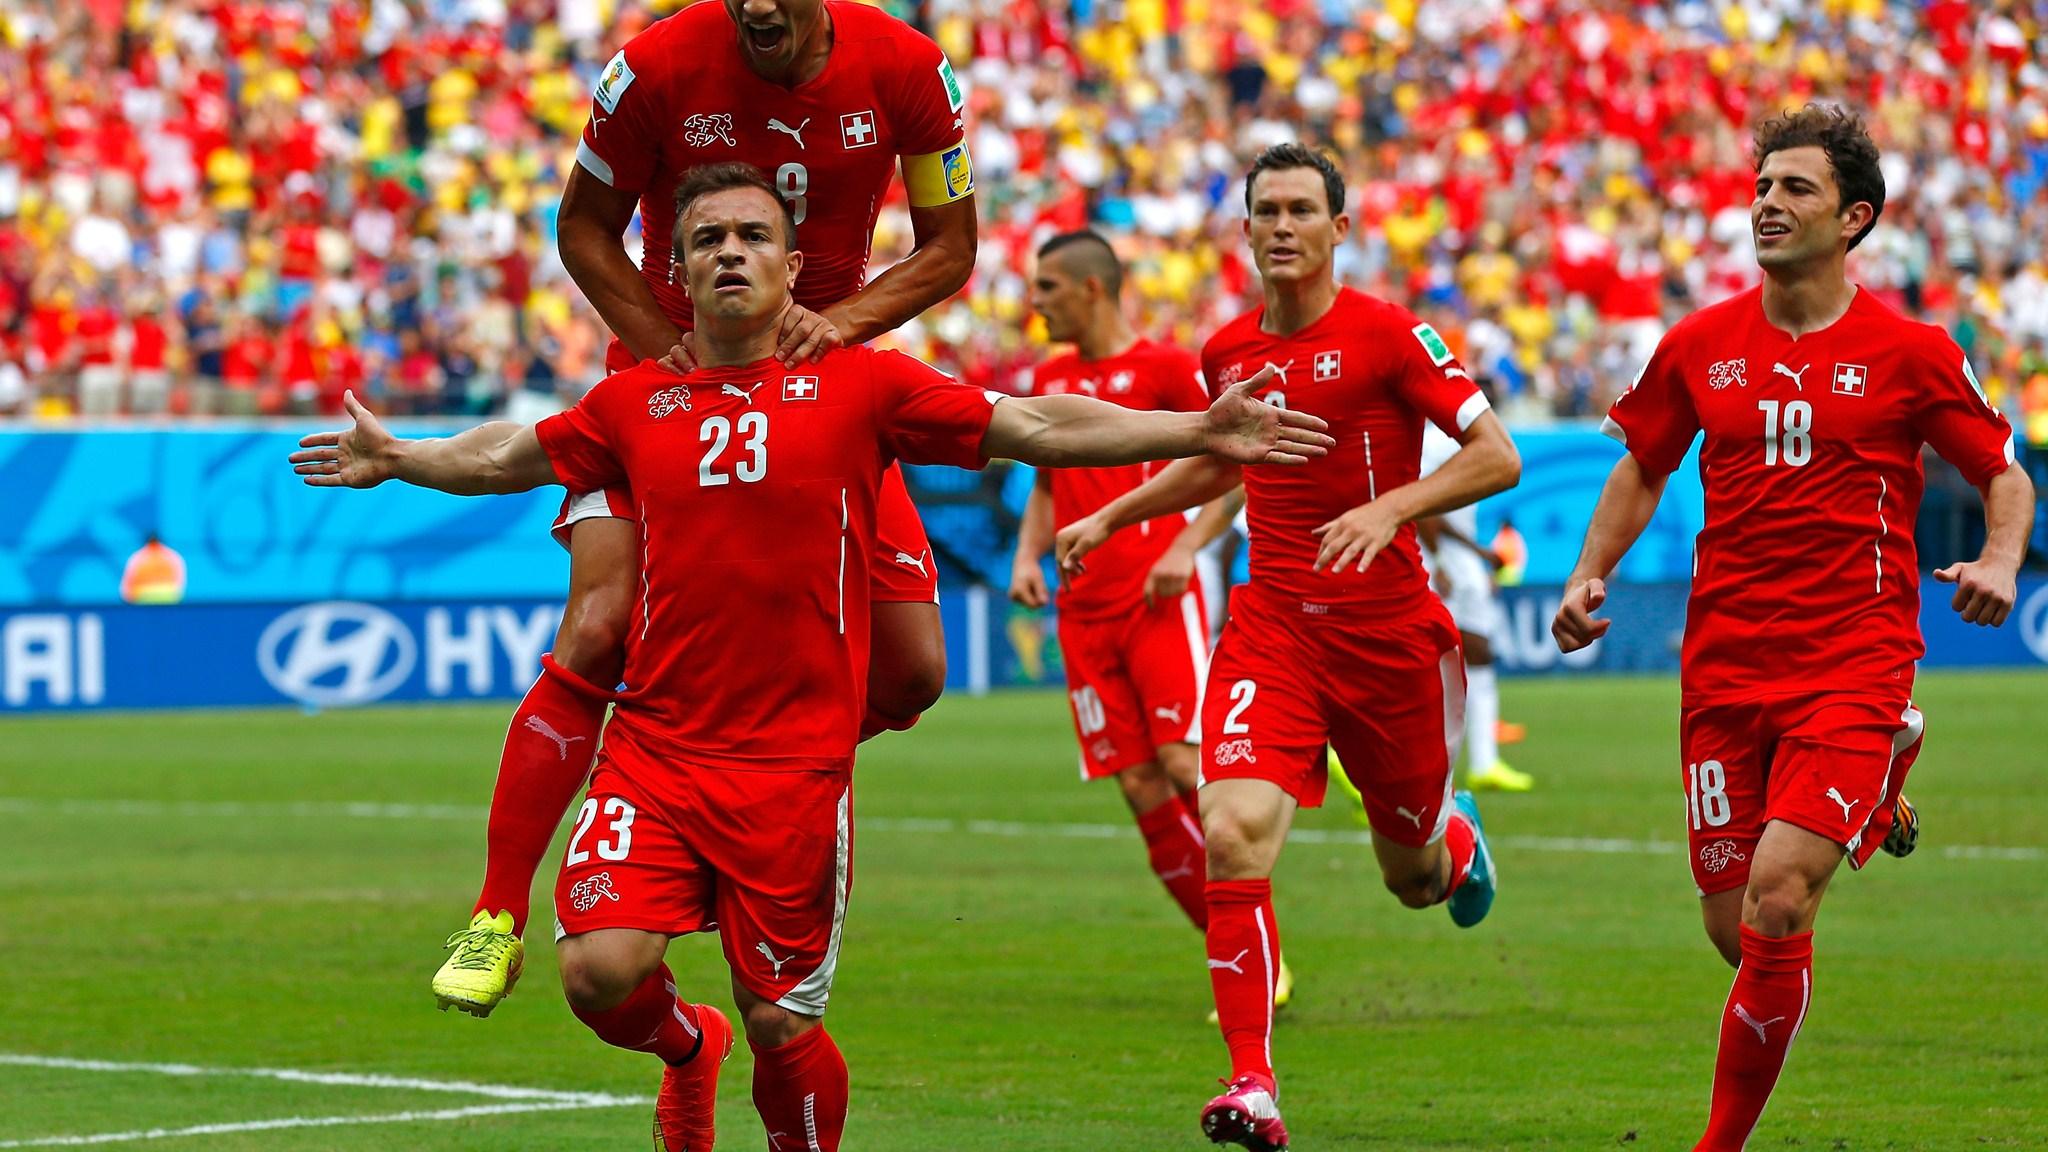 Чемпионат мира по футболу гондурас 10 фотография